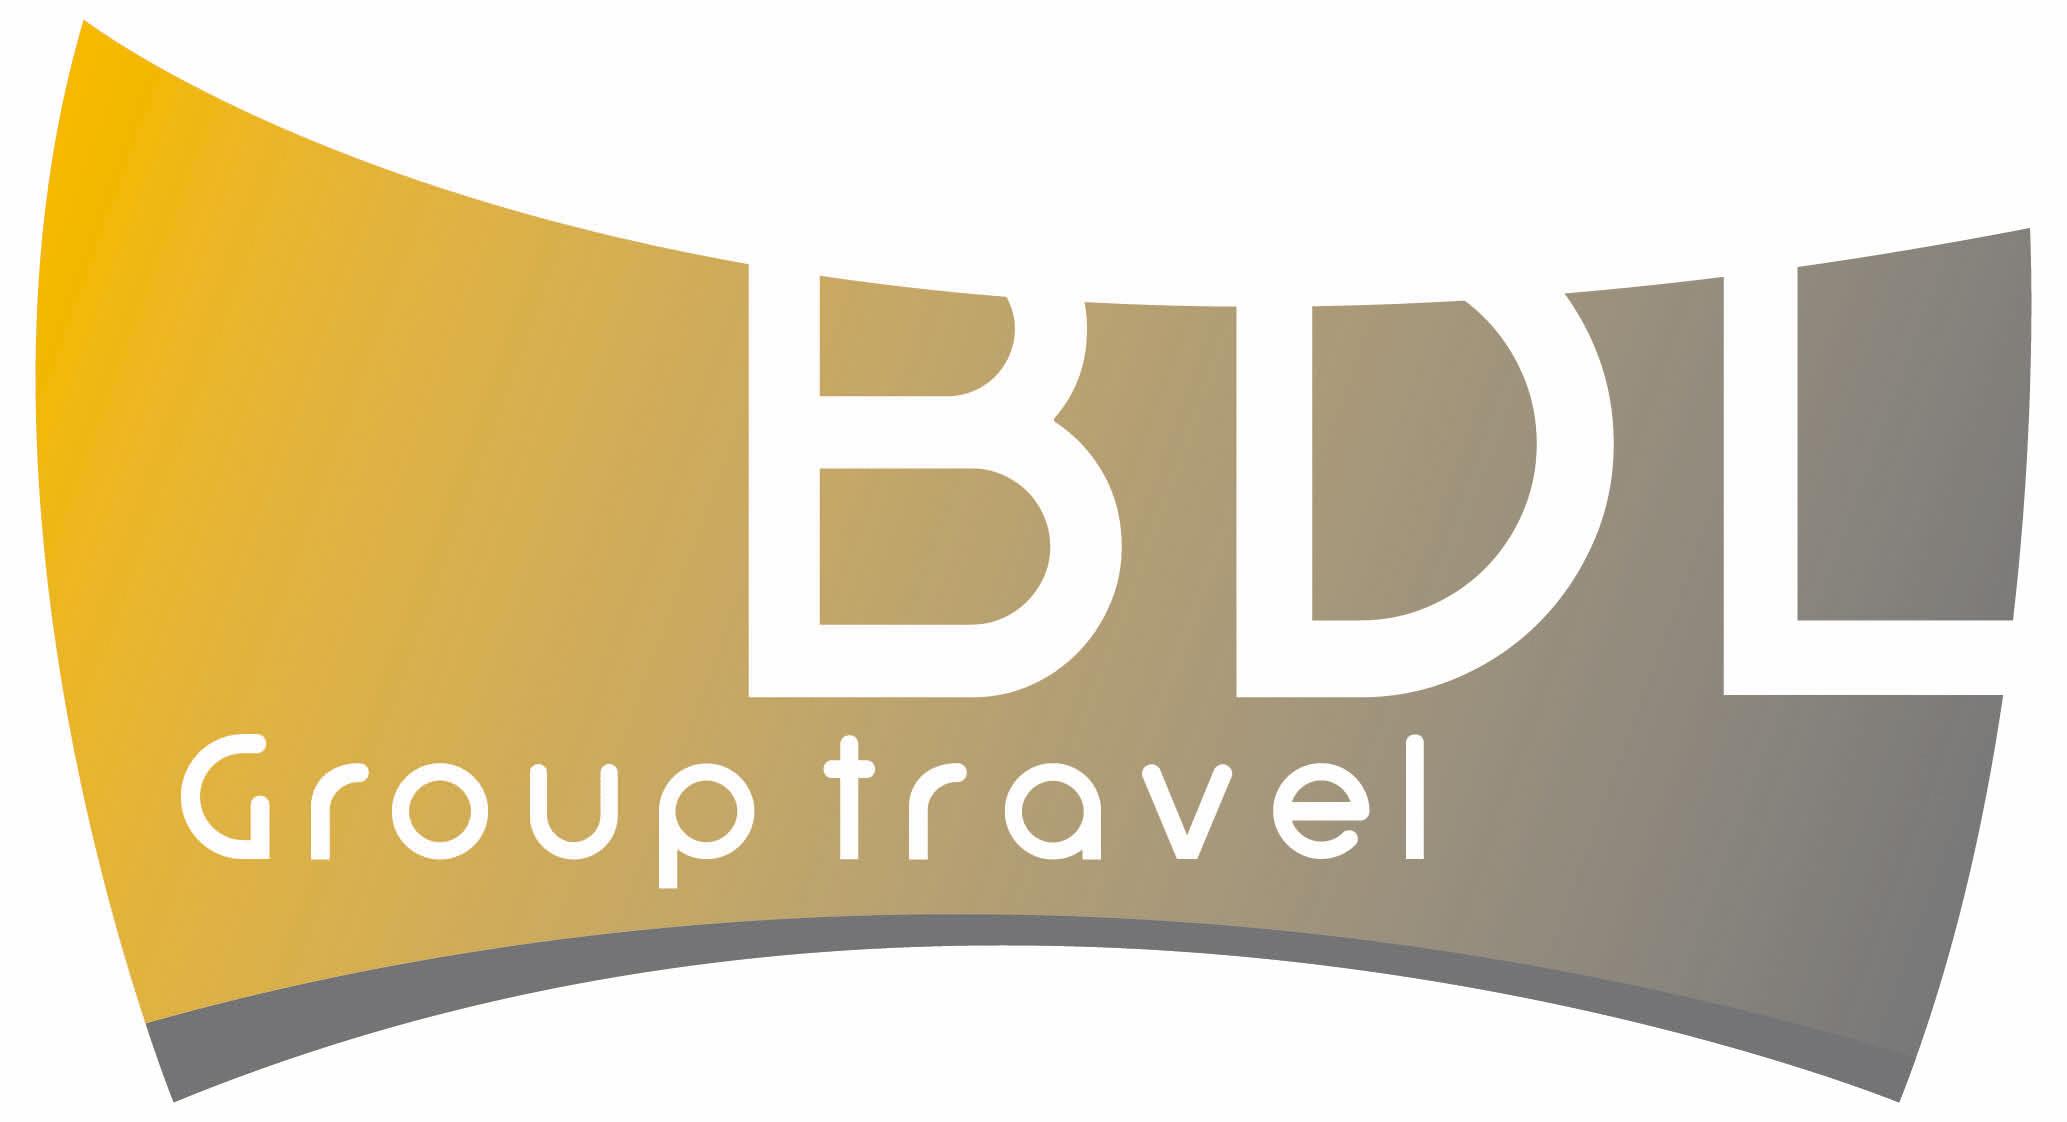 BDL-Grouptravel B.V.